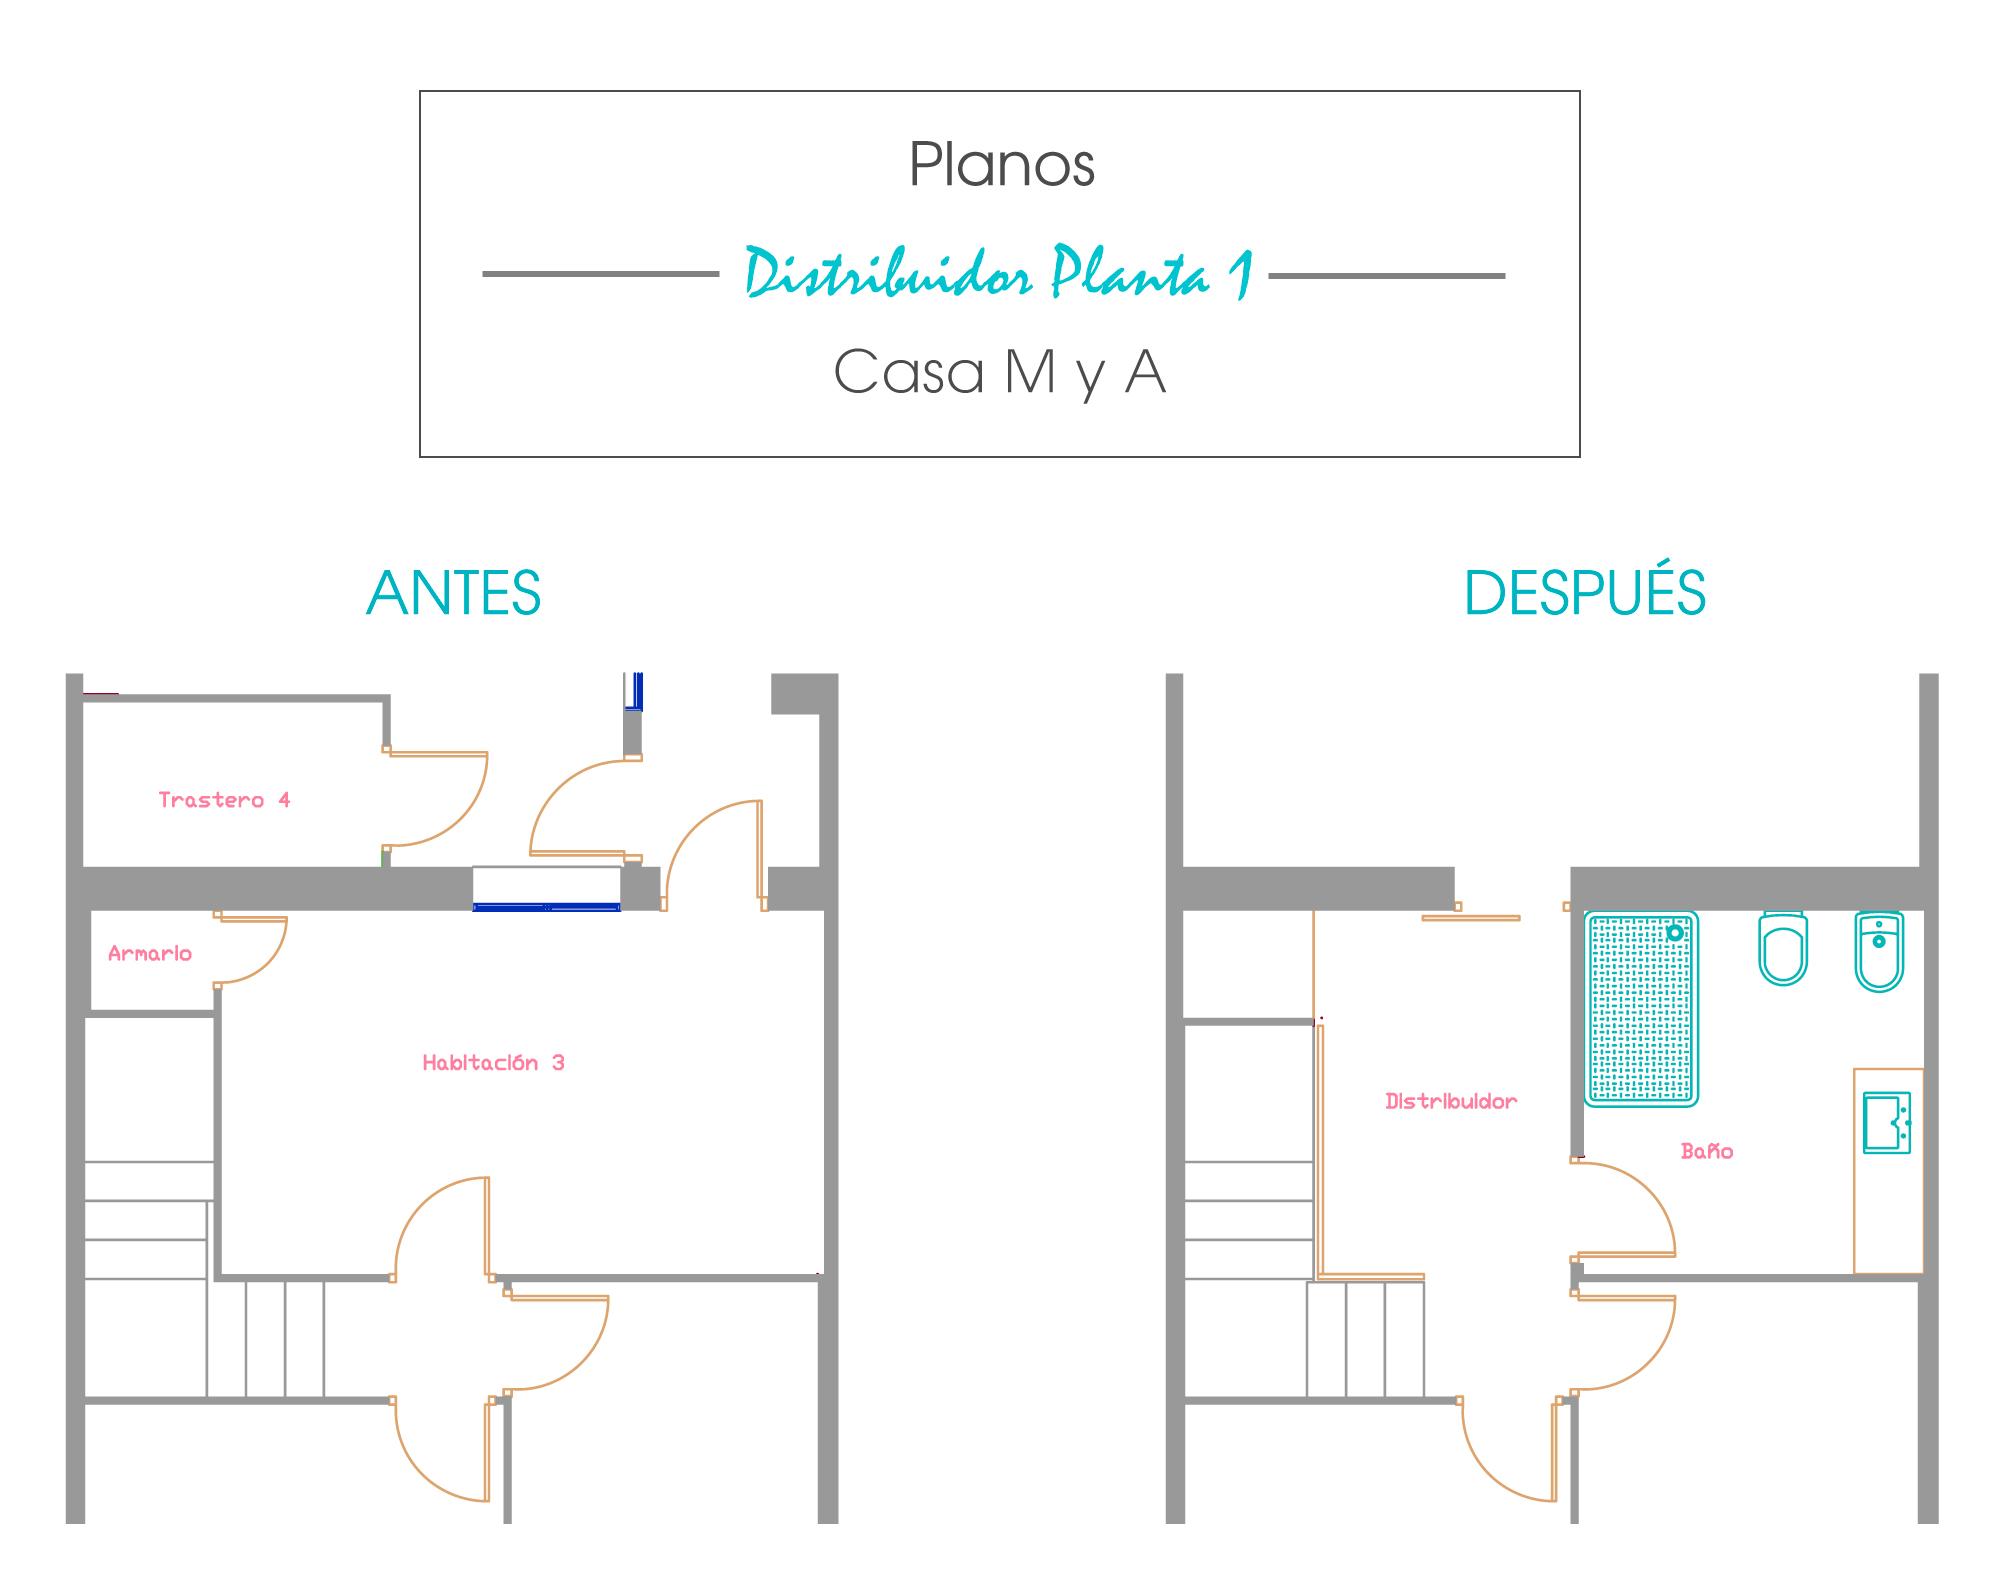 antes y despues_distribuidor_casamya_blog_ana_pla_interiorismo_decoracion_2